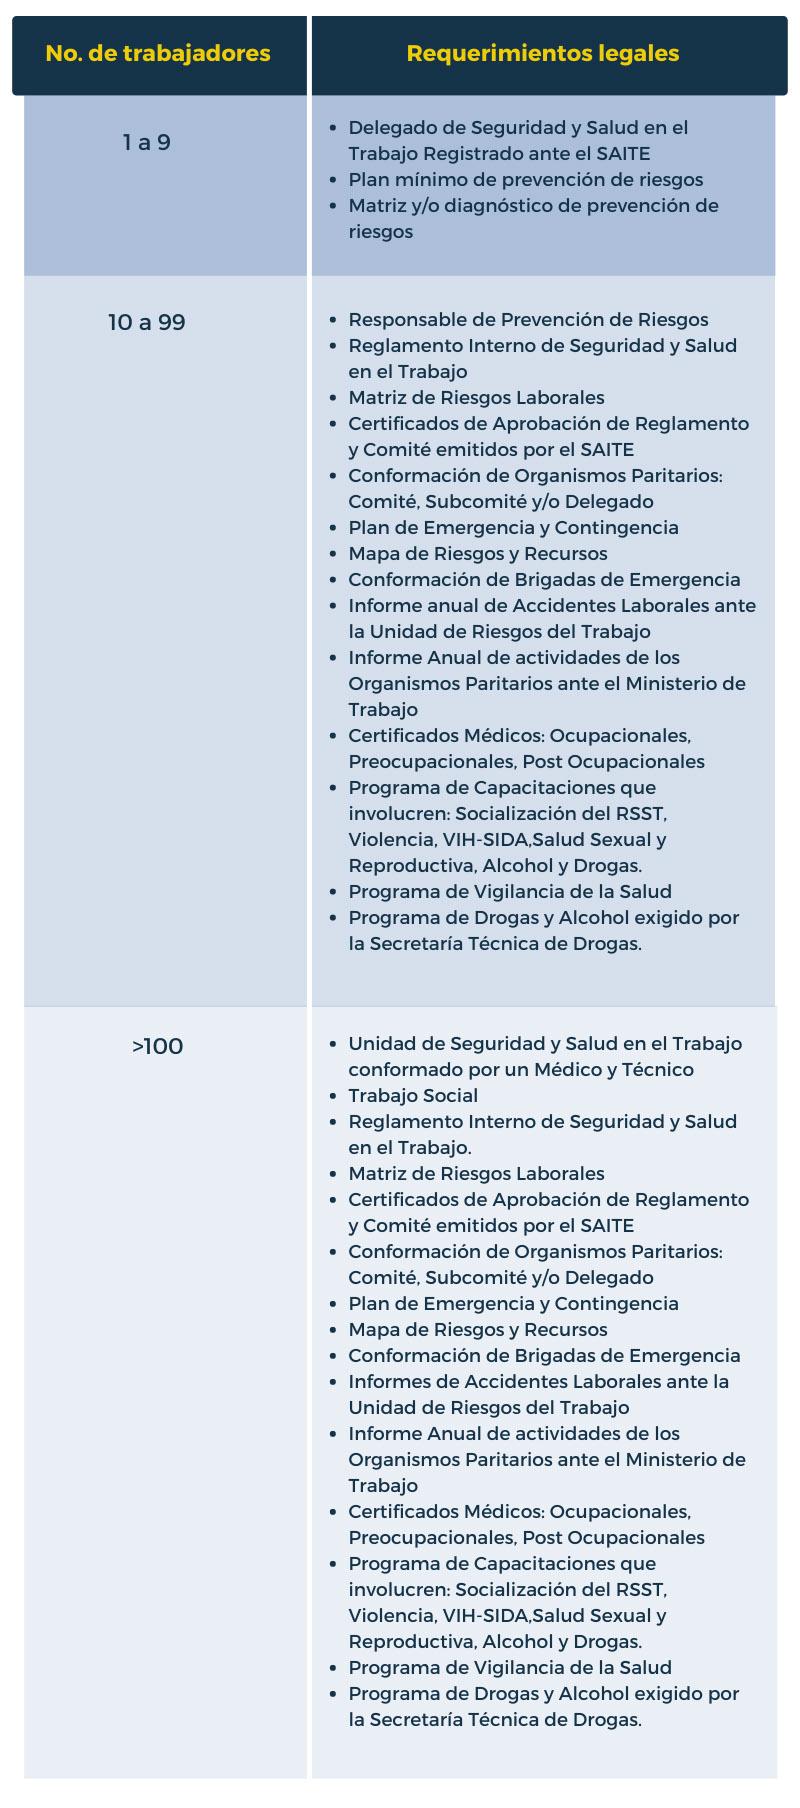 Listas de verificación de los requisitos técnicos legales